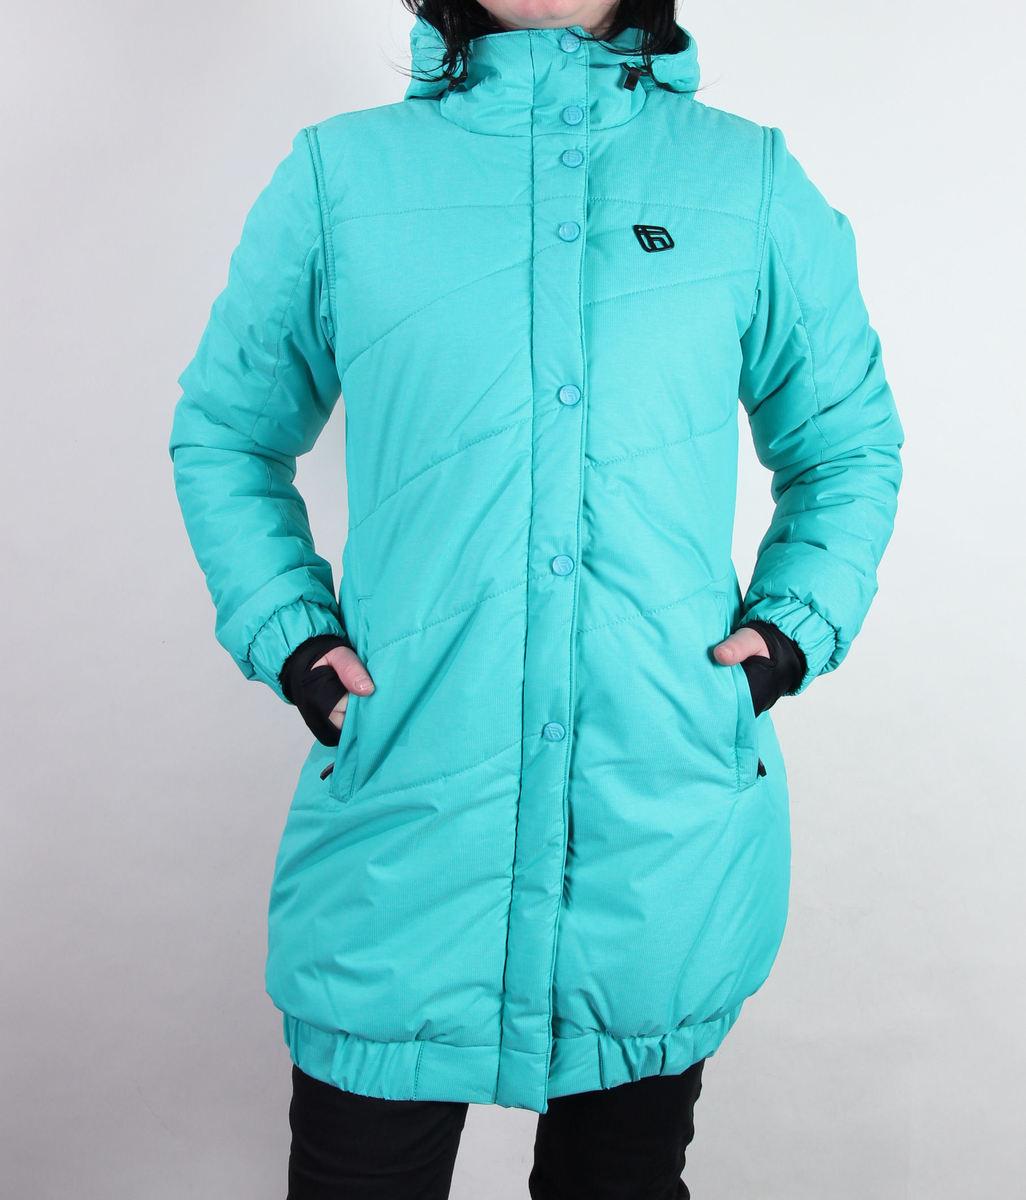 bunda -kabátek- dámská zimní FUNSTORM - Togi - 40 ICE